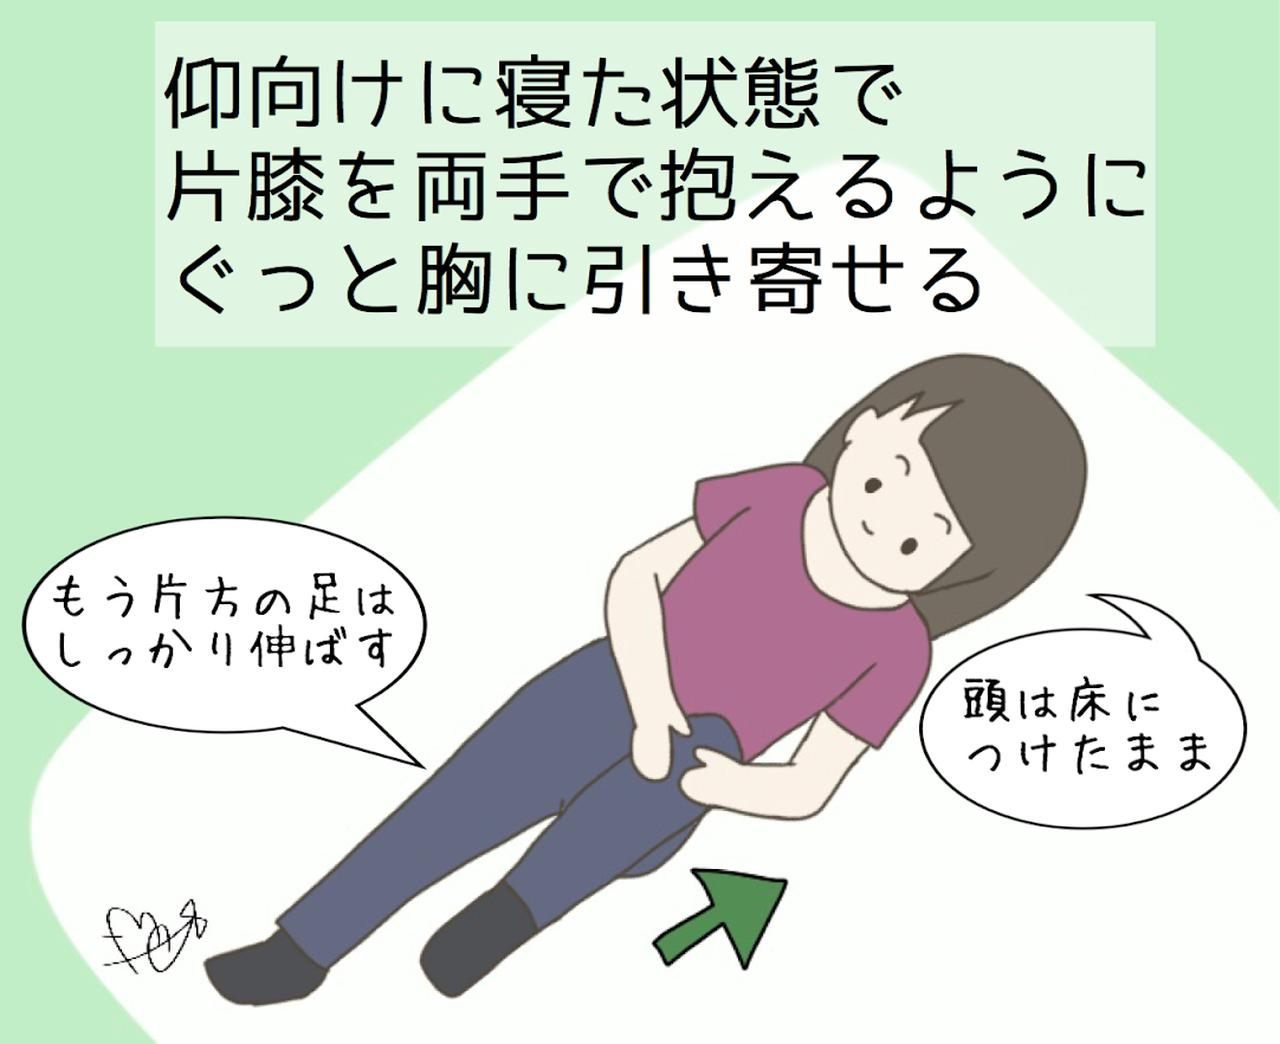 腰 が と て 痛い 座っ 立つ